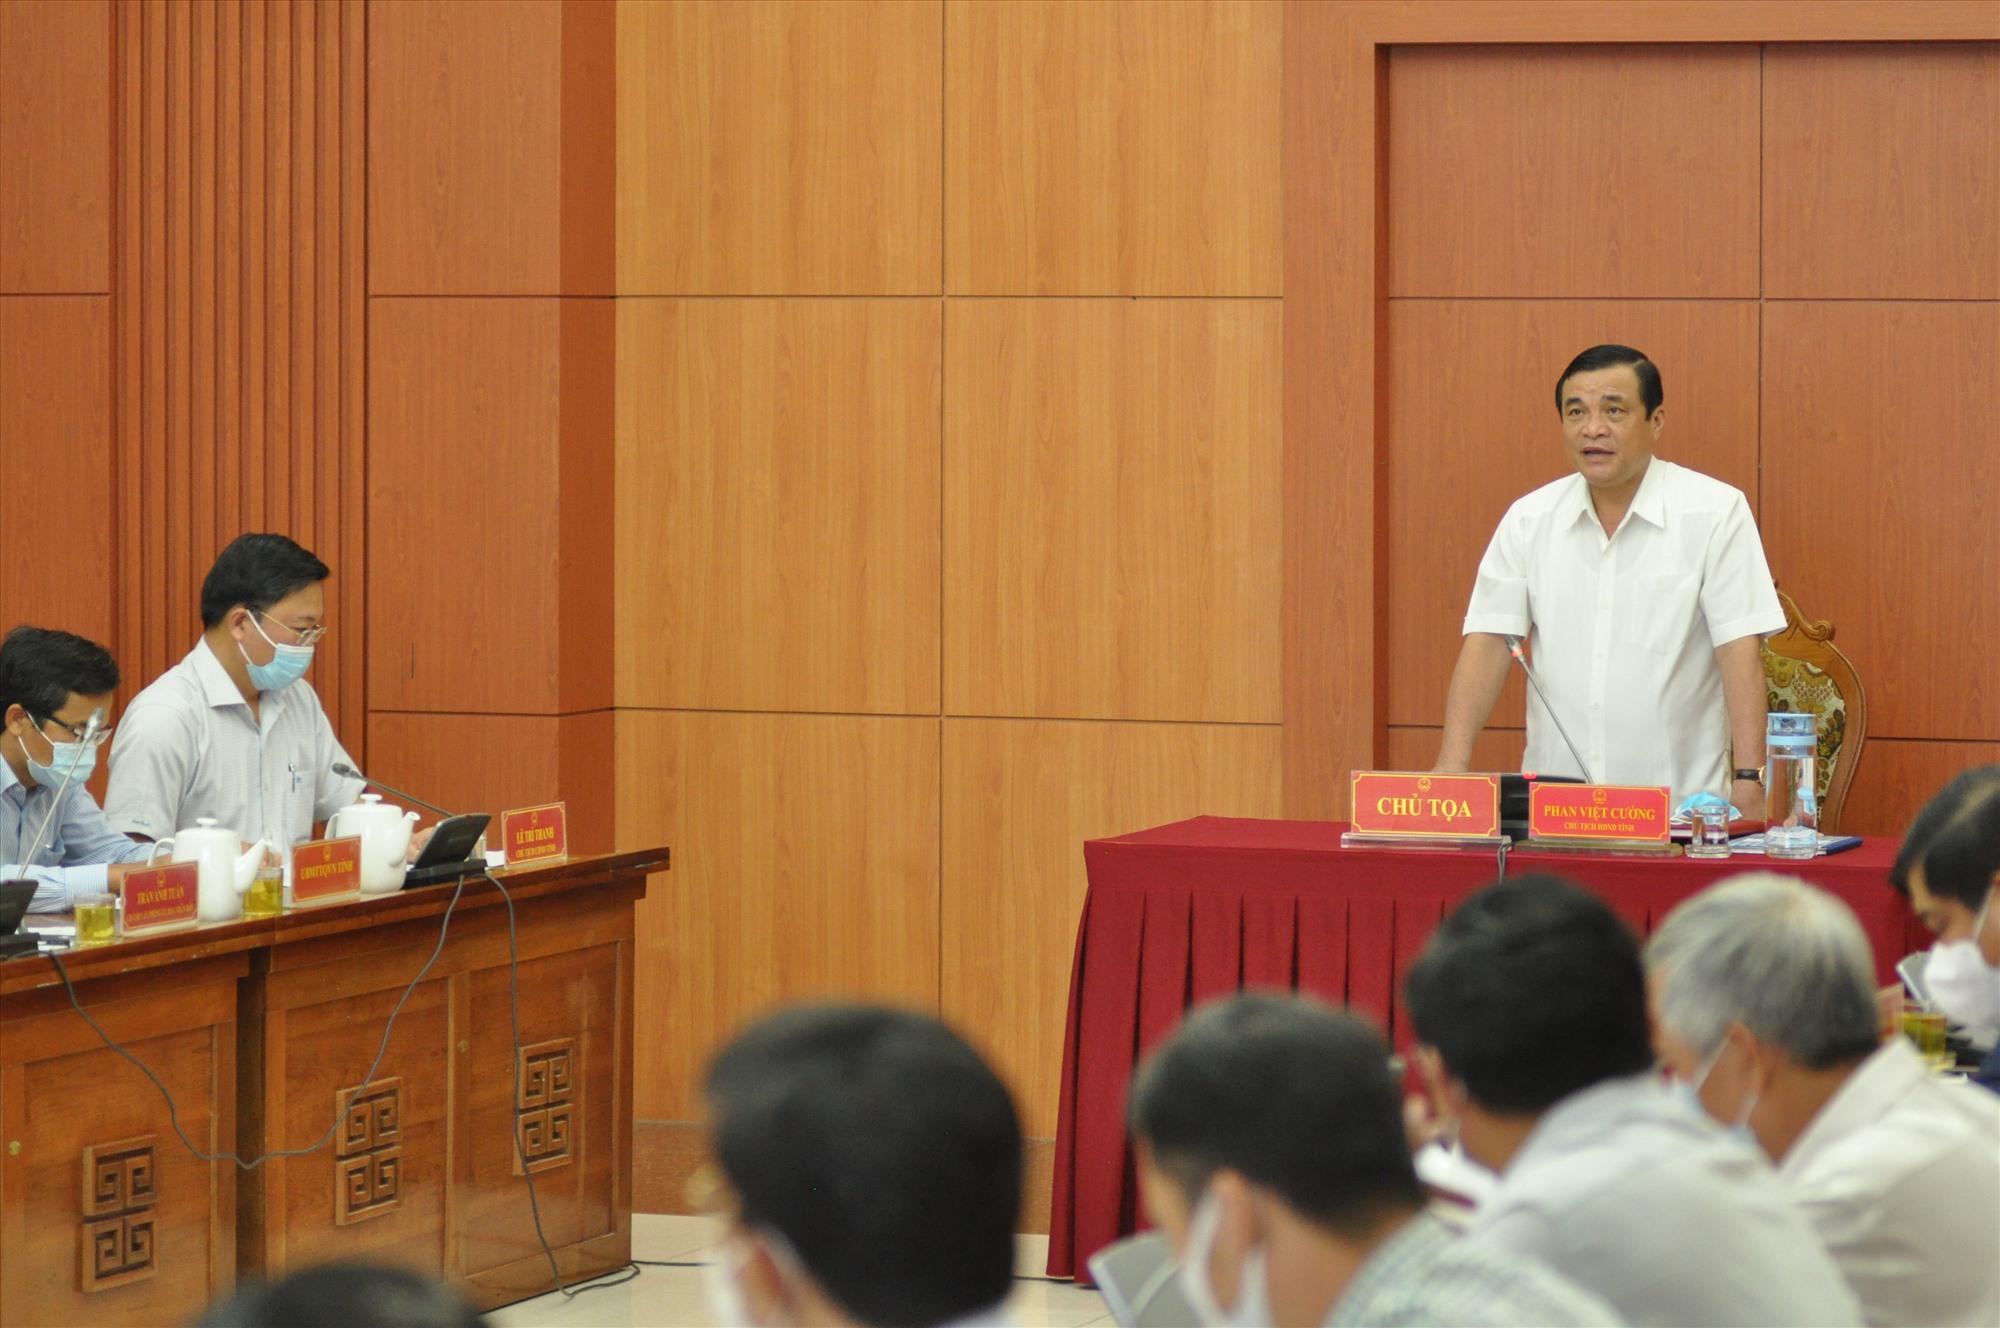 Bí thư Tỉnh ủy, Chủ tịch HĐND tỉnh Phan Việt Cường phát biểu tại phiên họp. Ảnh: X.P